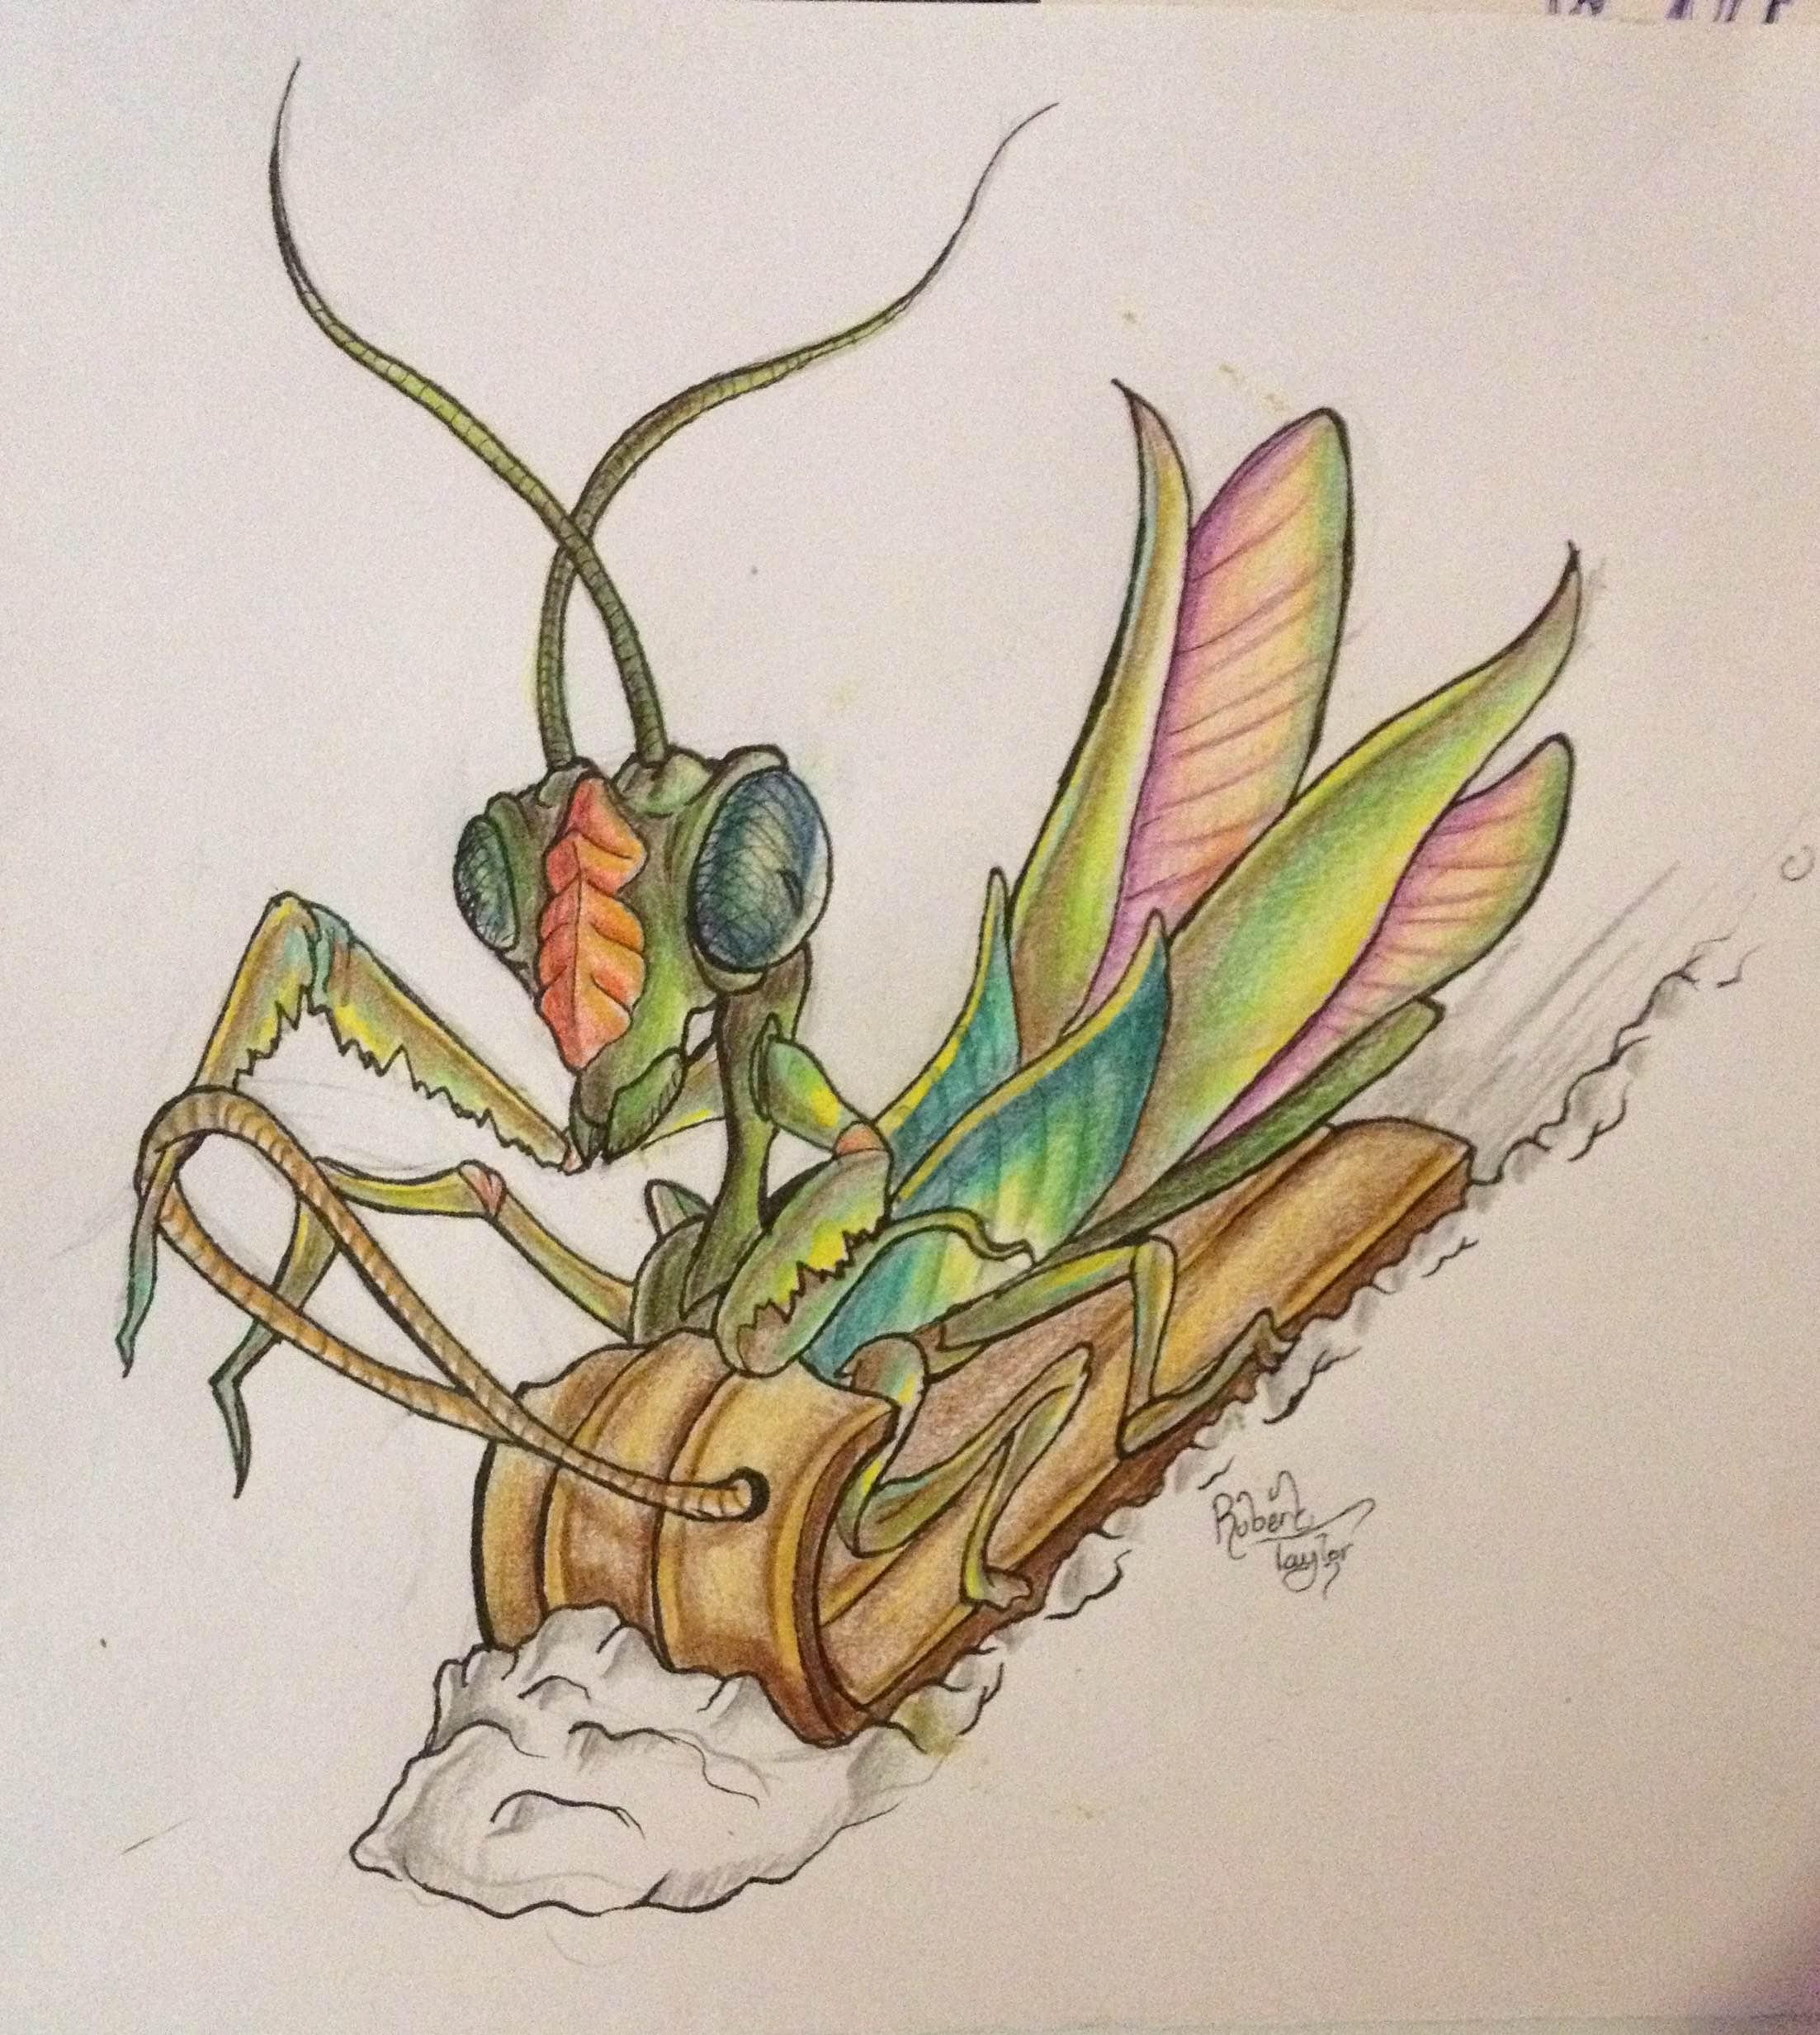 mantis toboggan